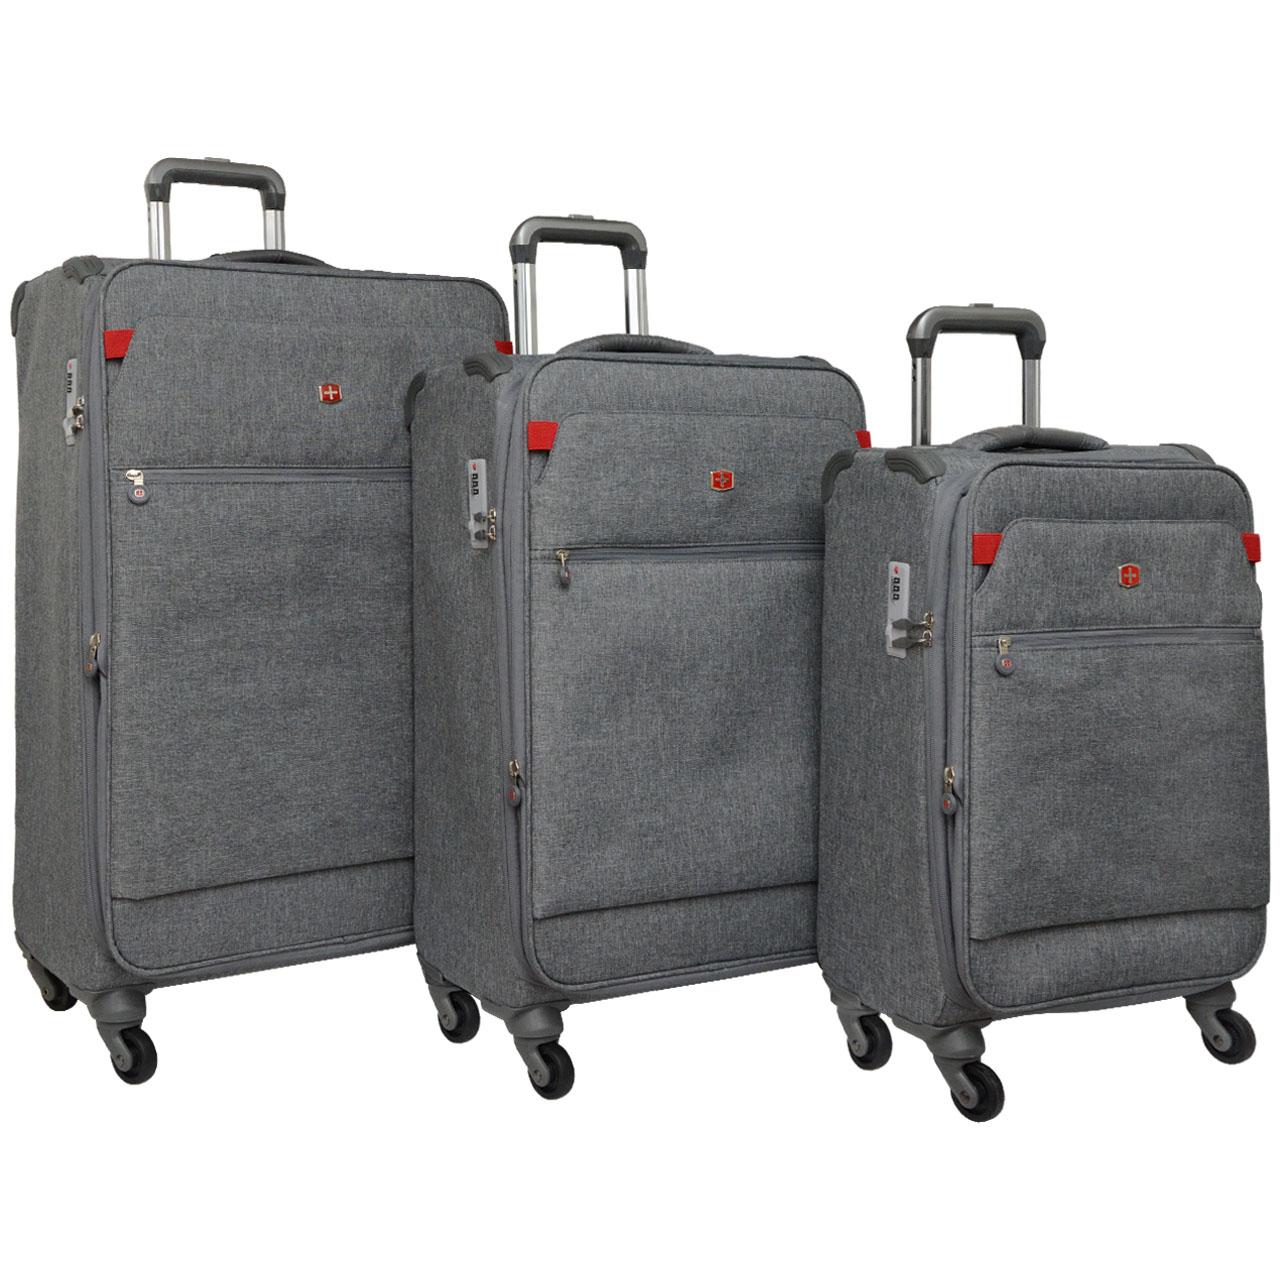 مجموعه سه عددی چمدان مدل LGHT 700379